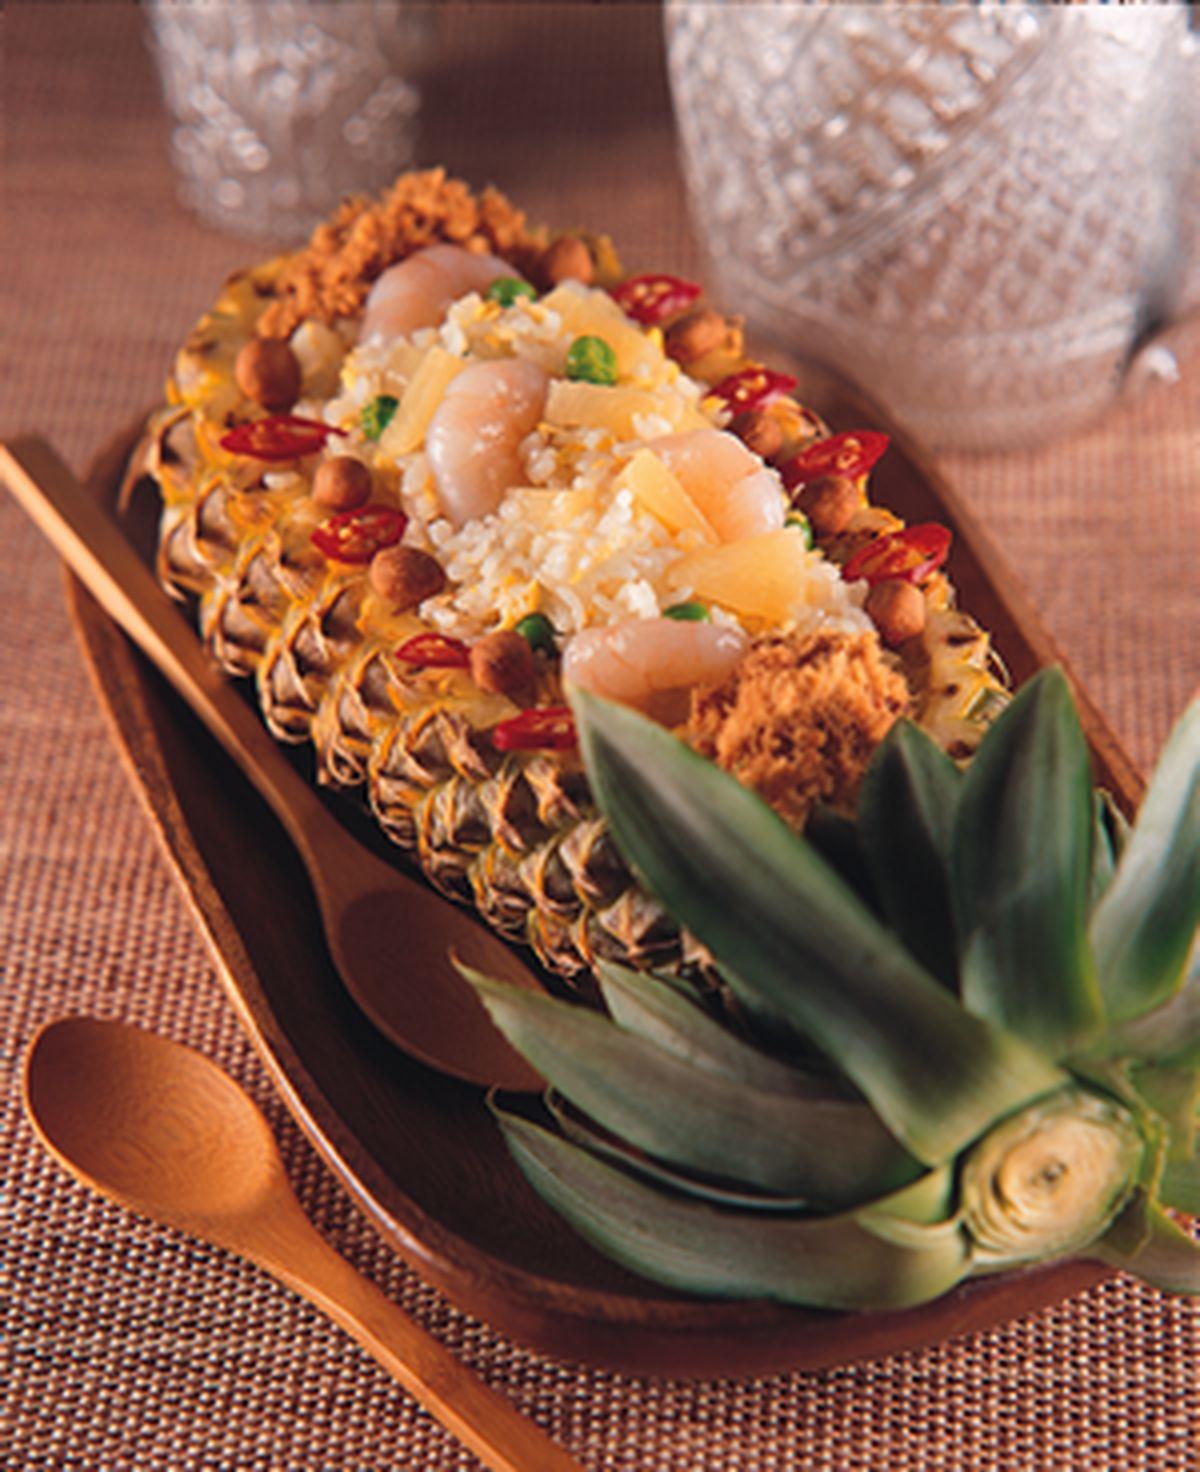 食譜:泰式鳳梨炒飯